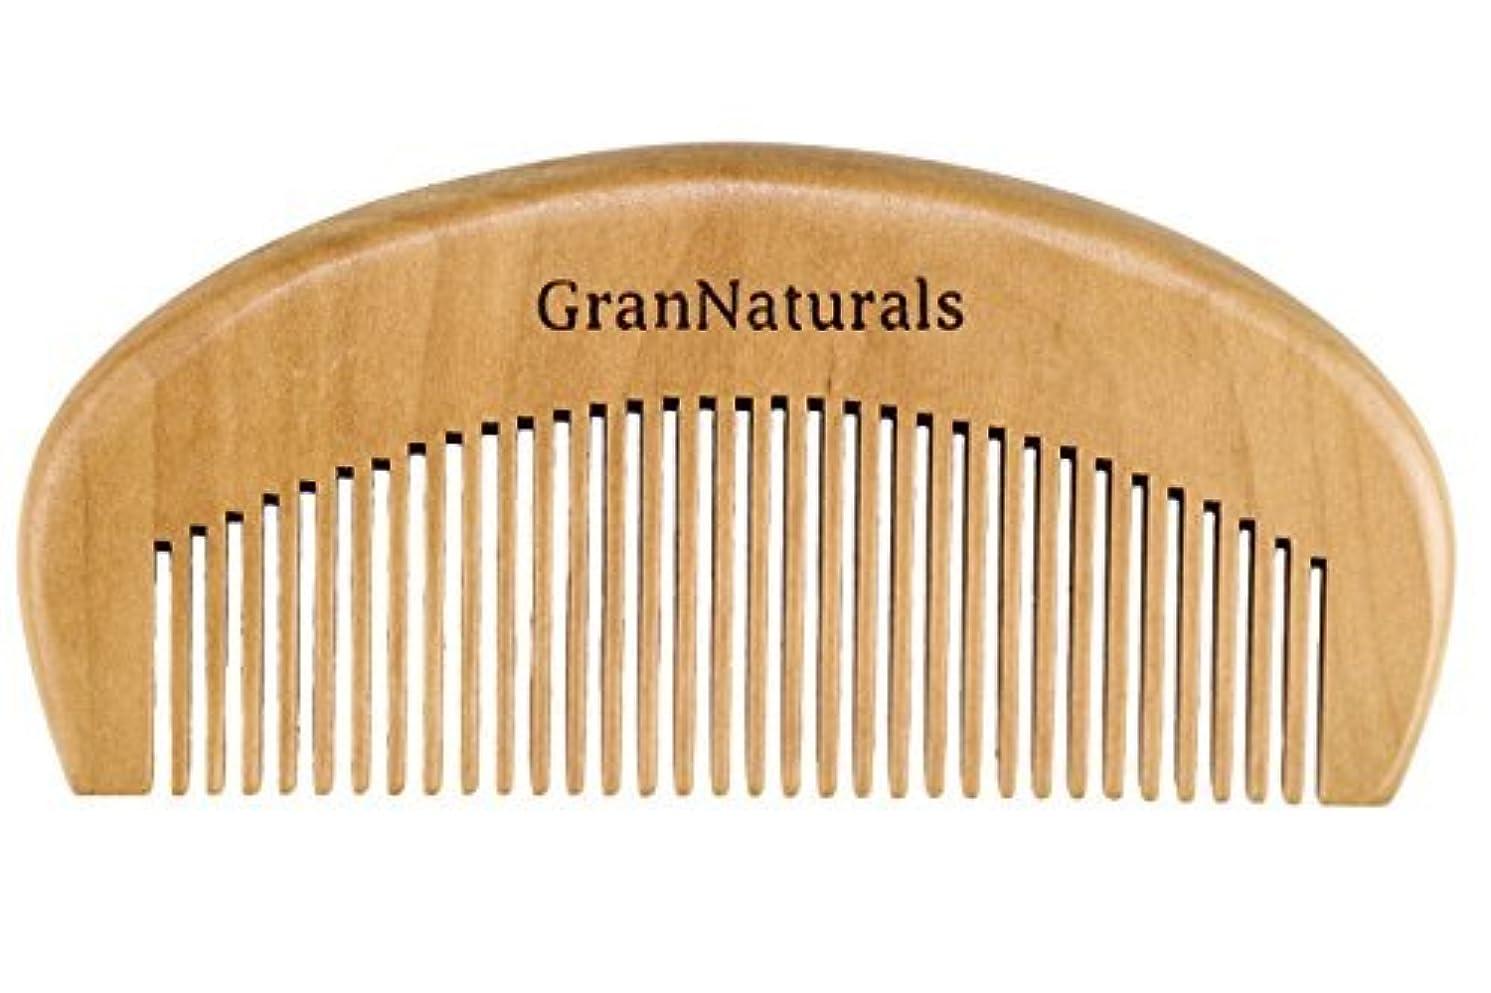 わずかに事ビームGranNaturals Wooden Comb Hair + Beard Detangler for Women and Men - Natural Anti Static Wood for Detangling and...